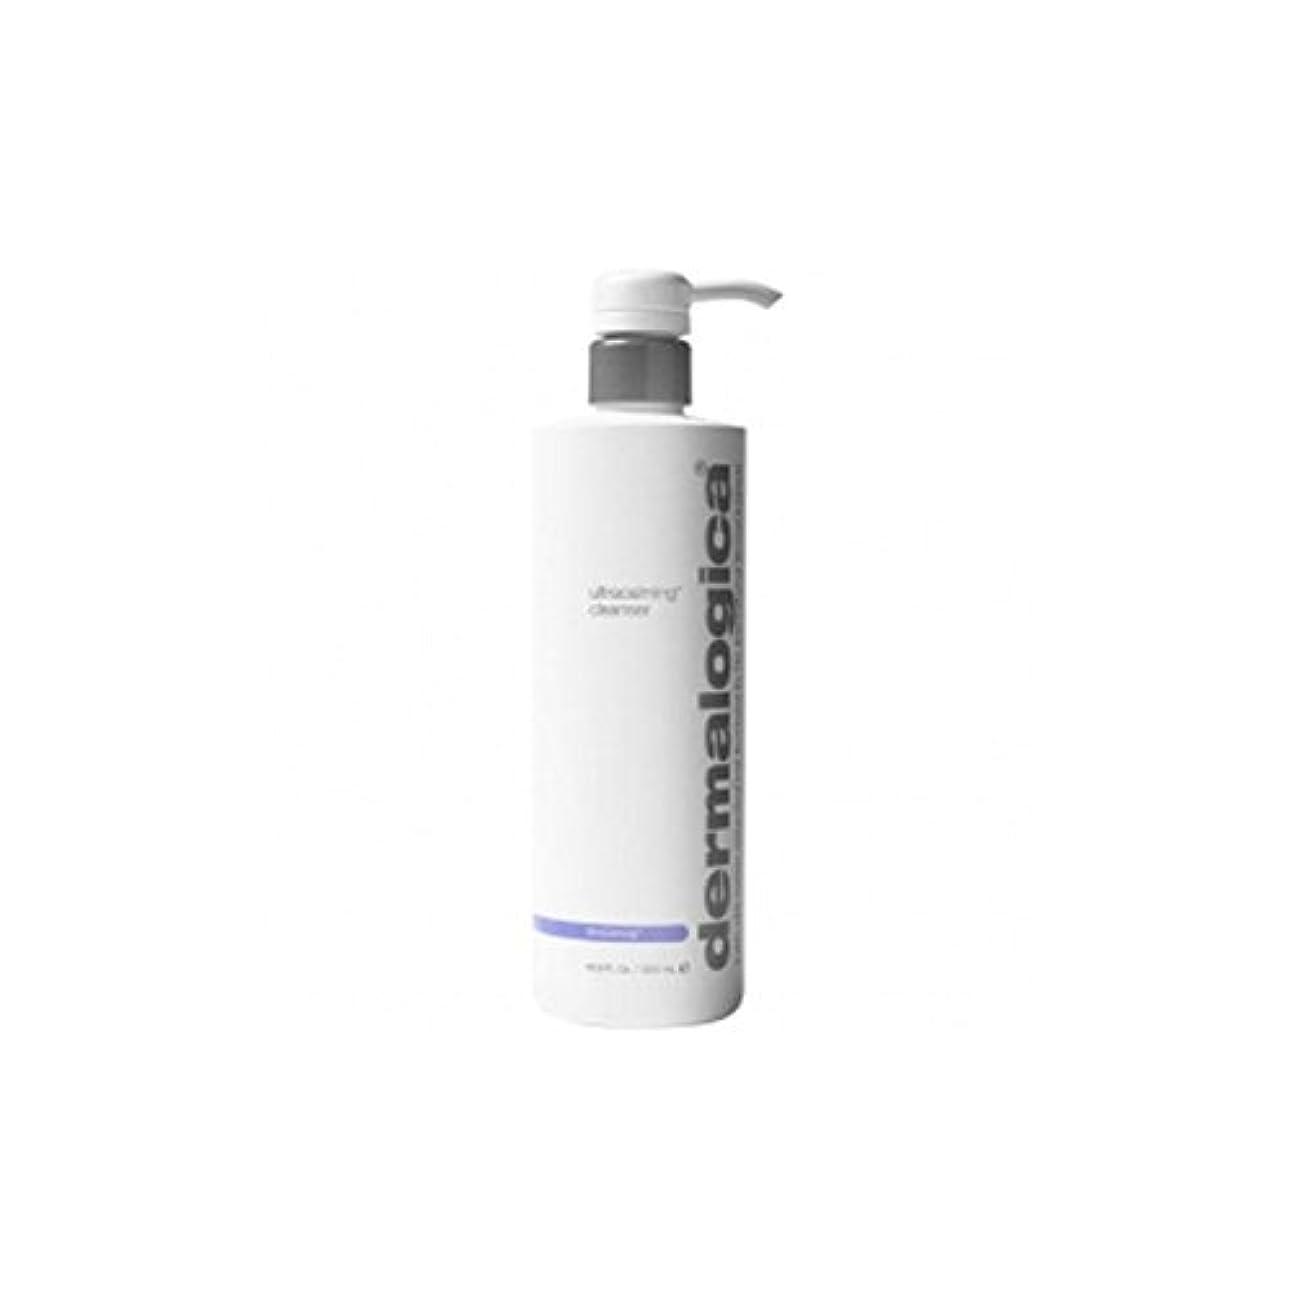 同封するカナダブラジャーDermalogica Ultracalming Cleanser (500ml) - ダーマロジカクレンザー(500ミリリットル) [並行輸入品]